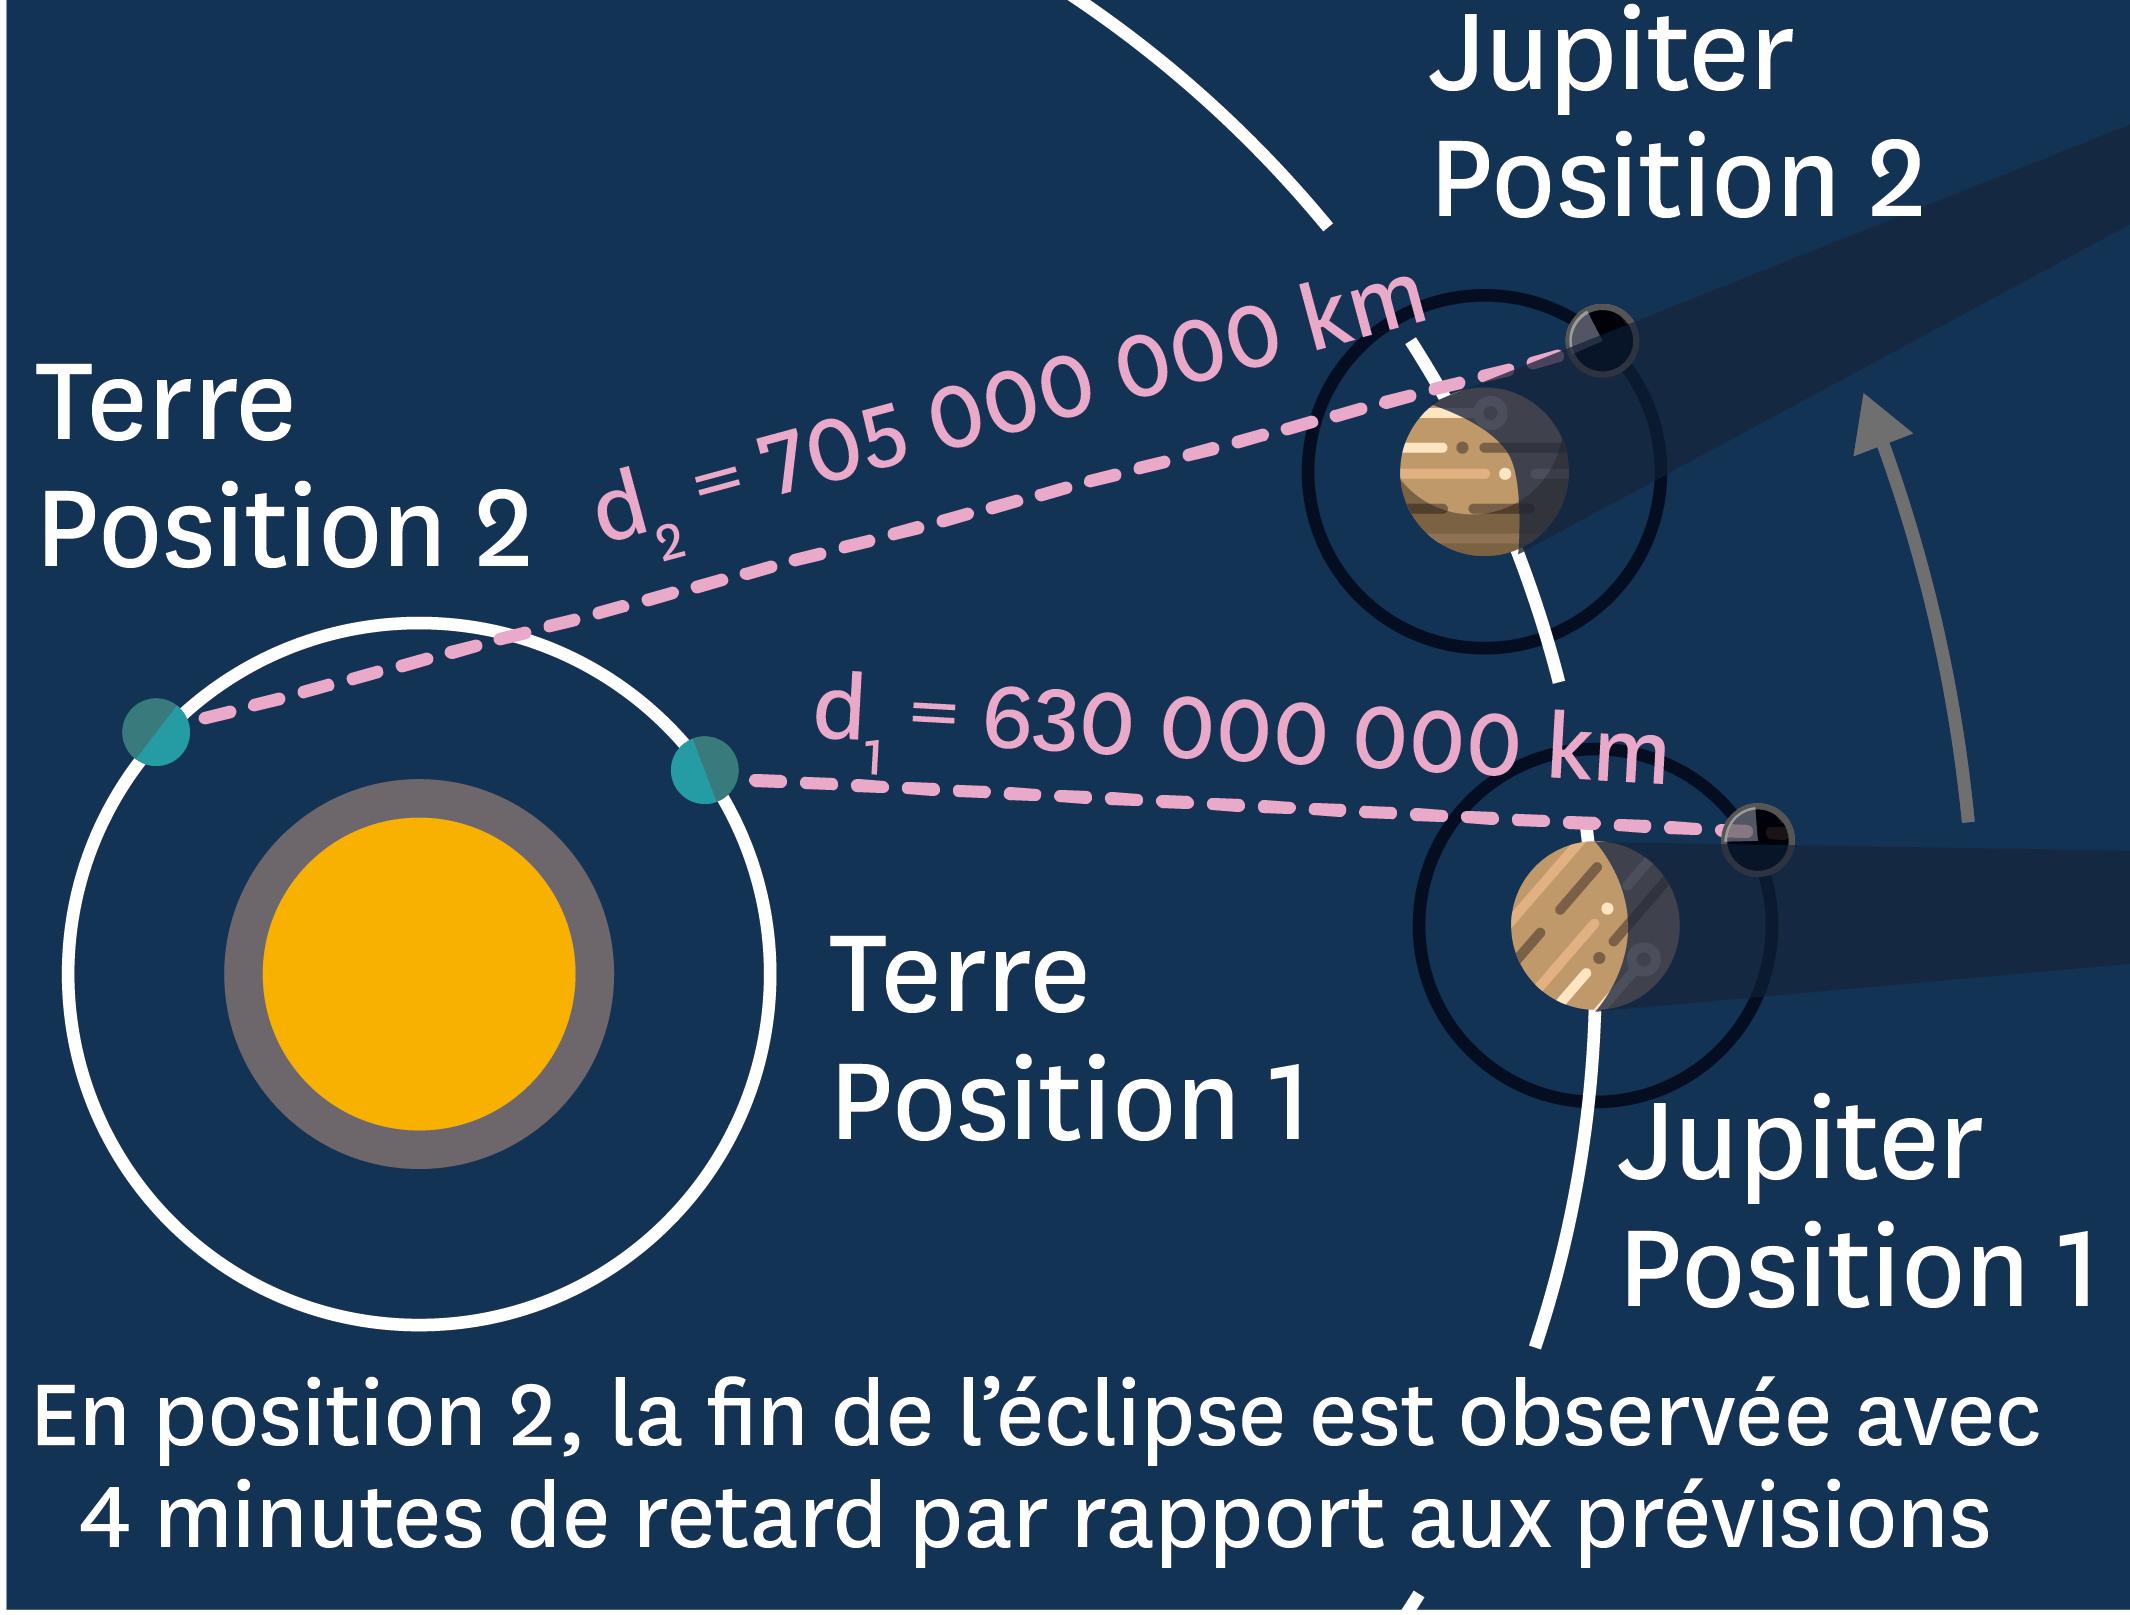 Des dispositions différentes d'une fin d'éclipse à l'autre